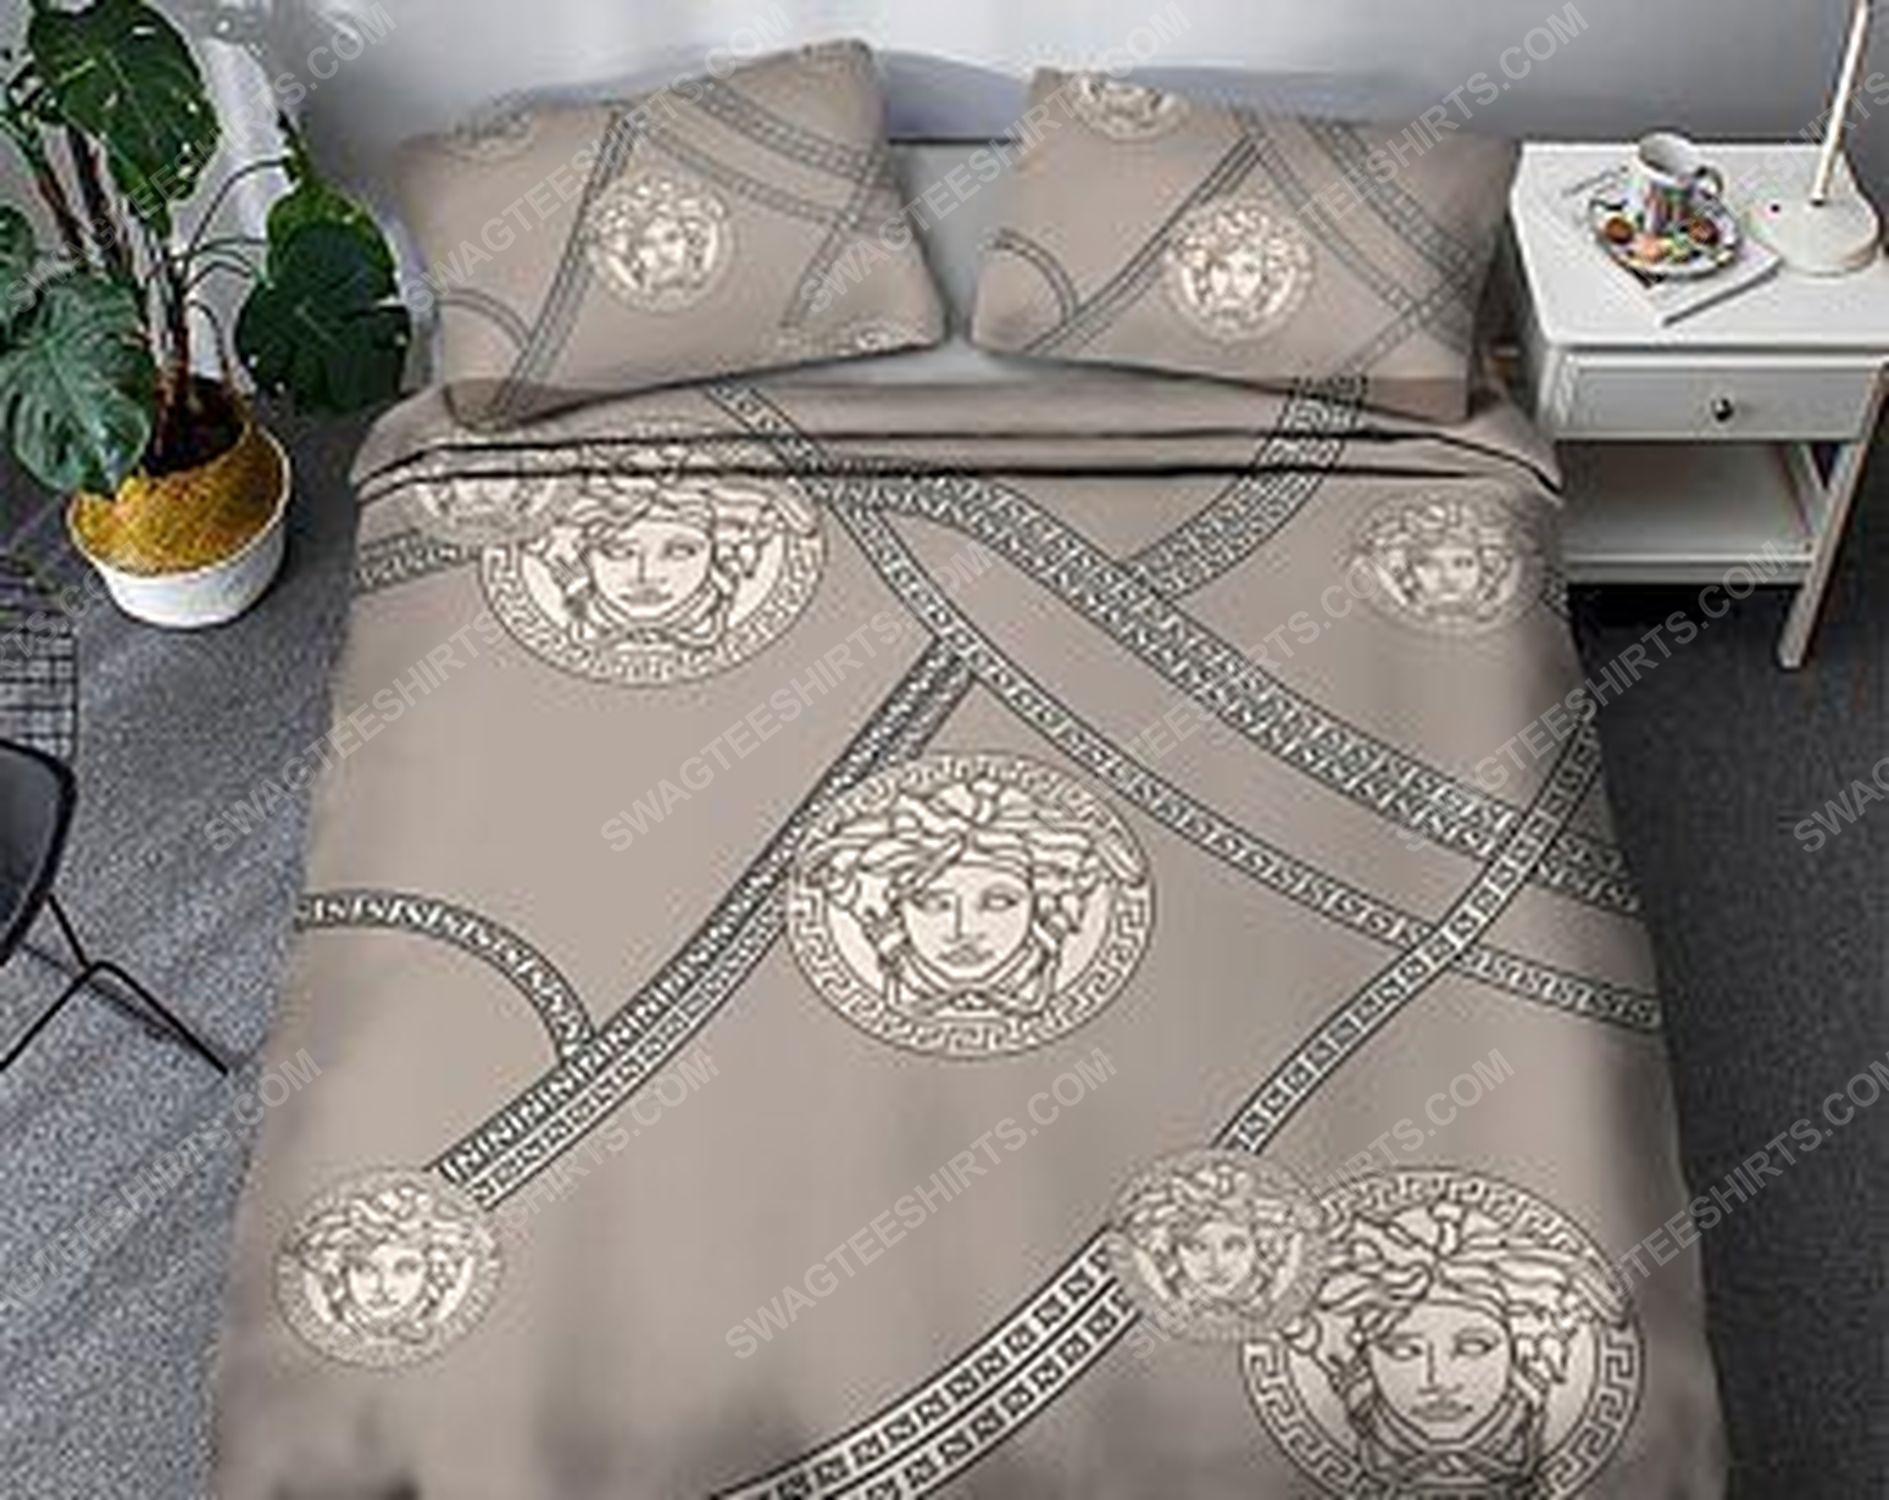 Versace luxury version full print duvet cover bedding set 1